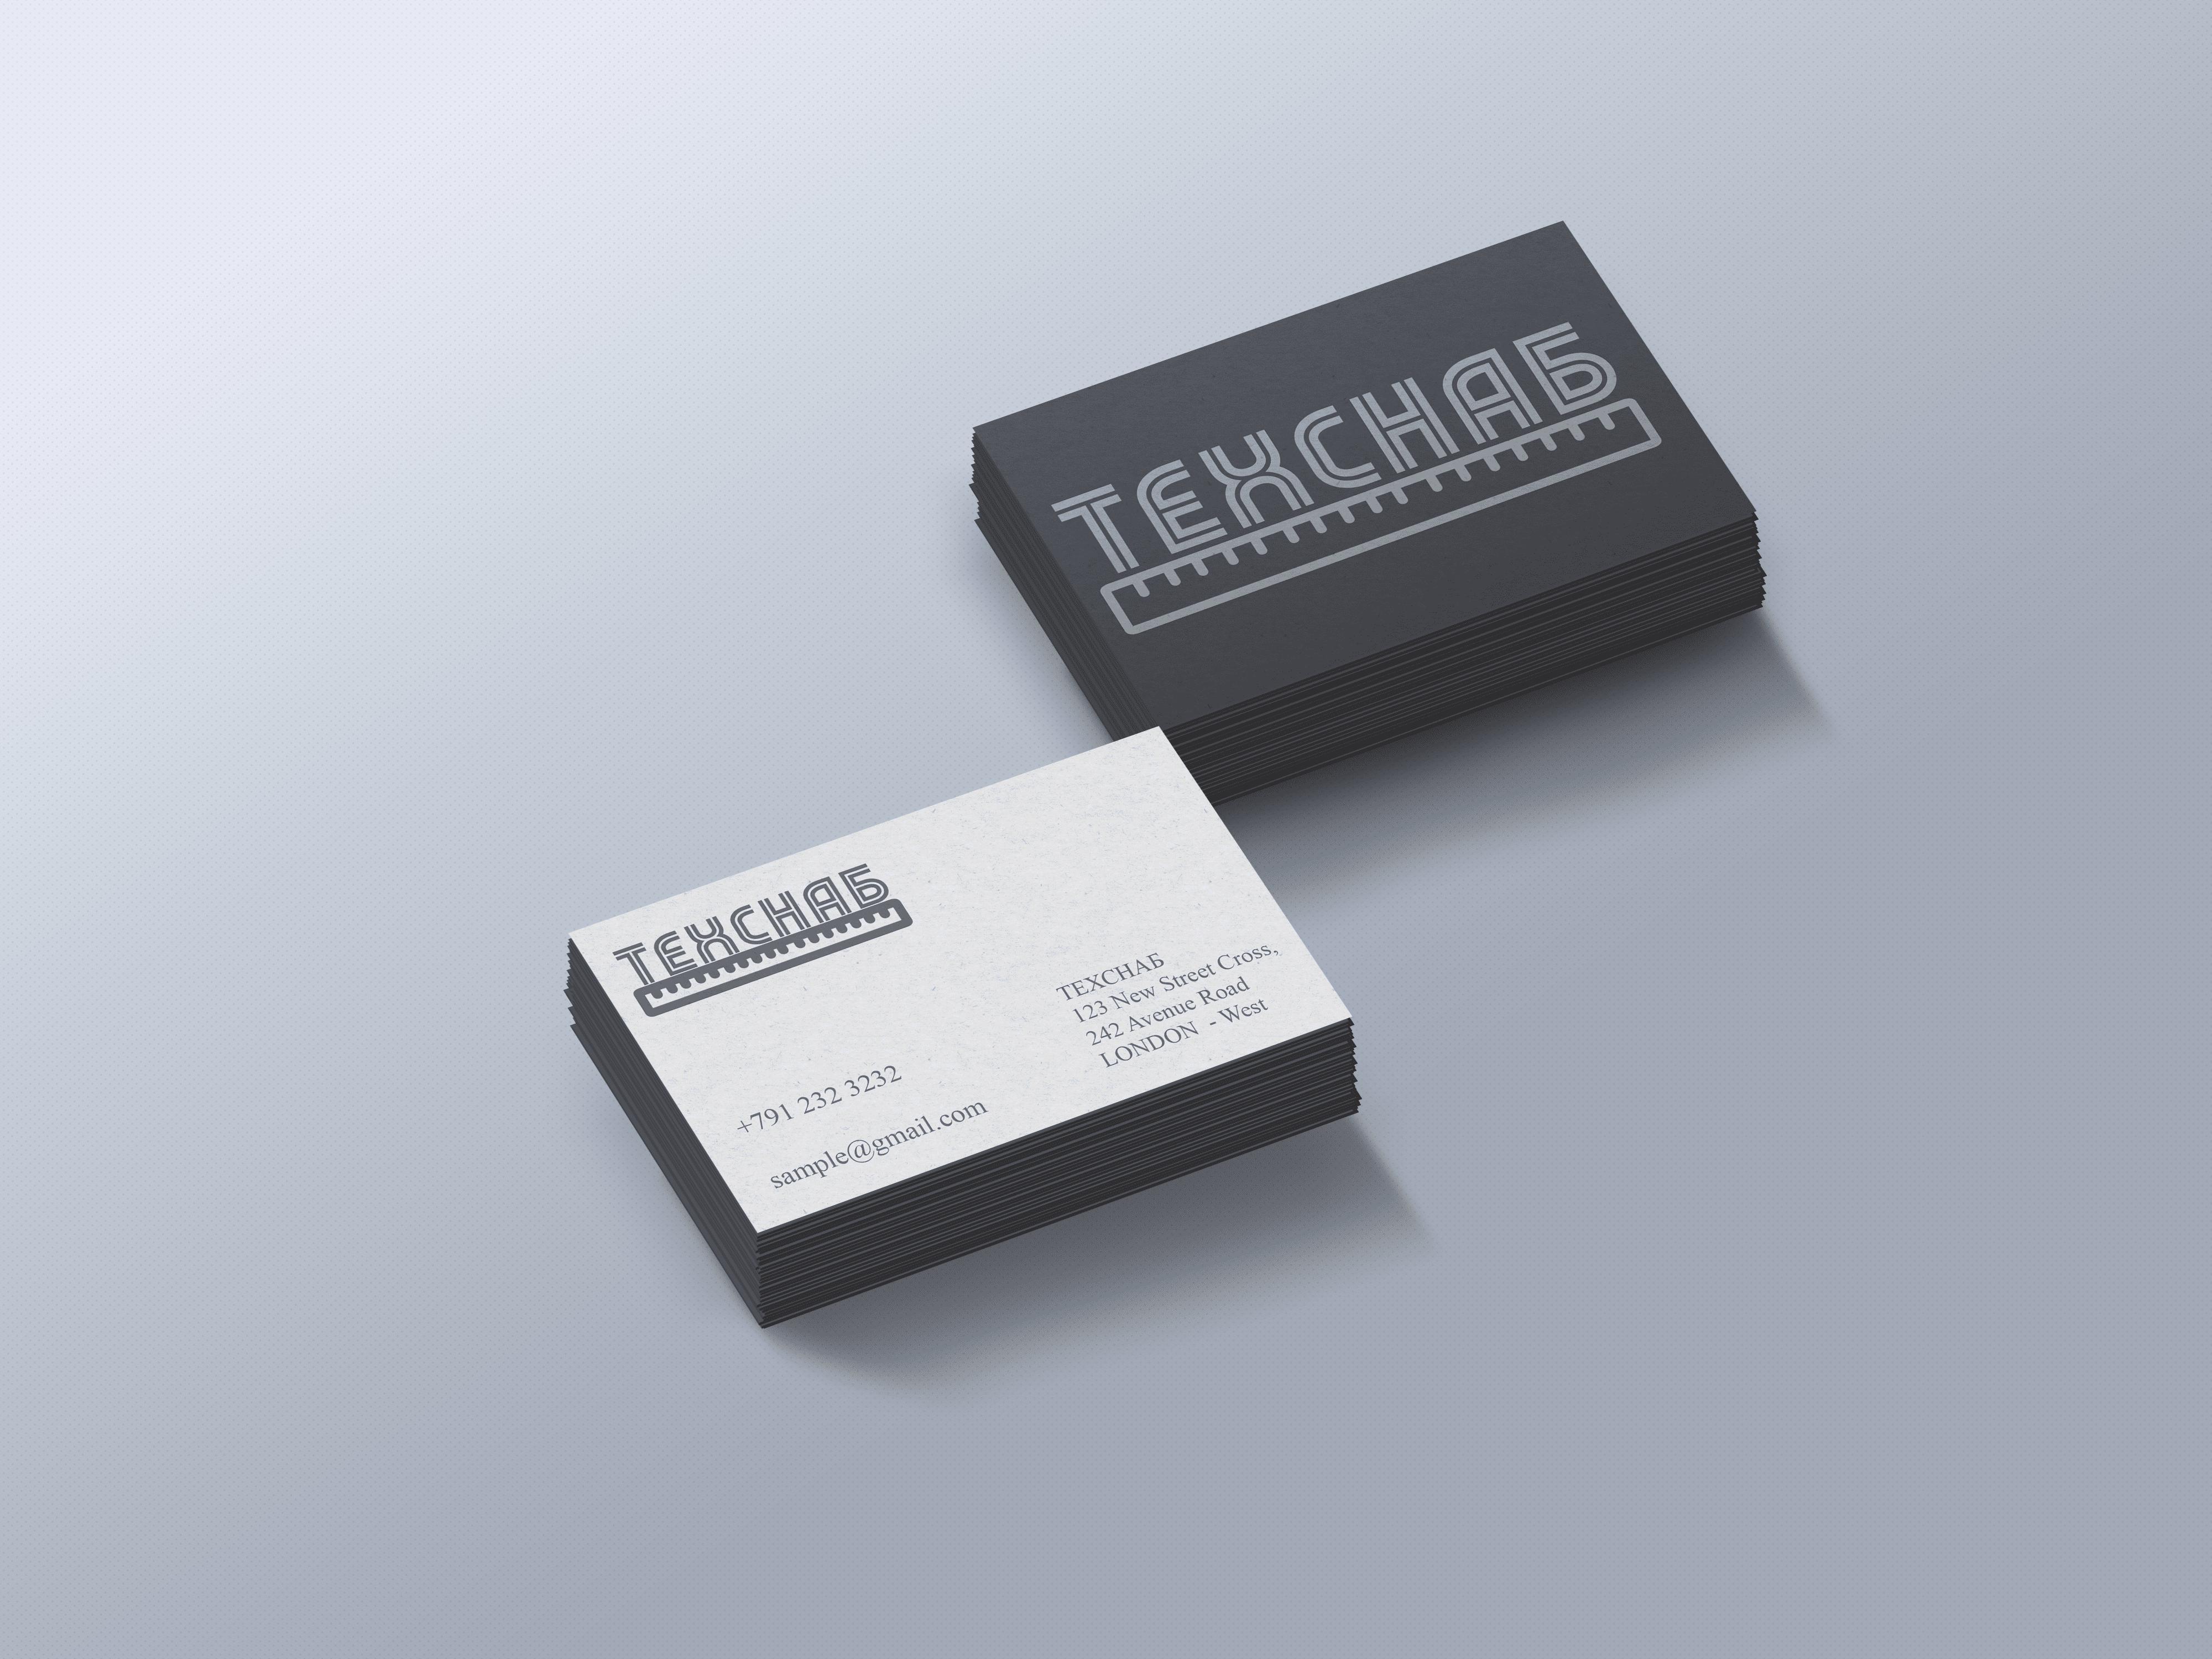 Разработка логотипа и фирм. стиля компании  ТЕХСНАБ фото f_2115b1ac39999469.png